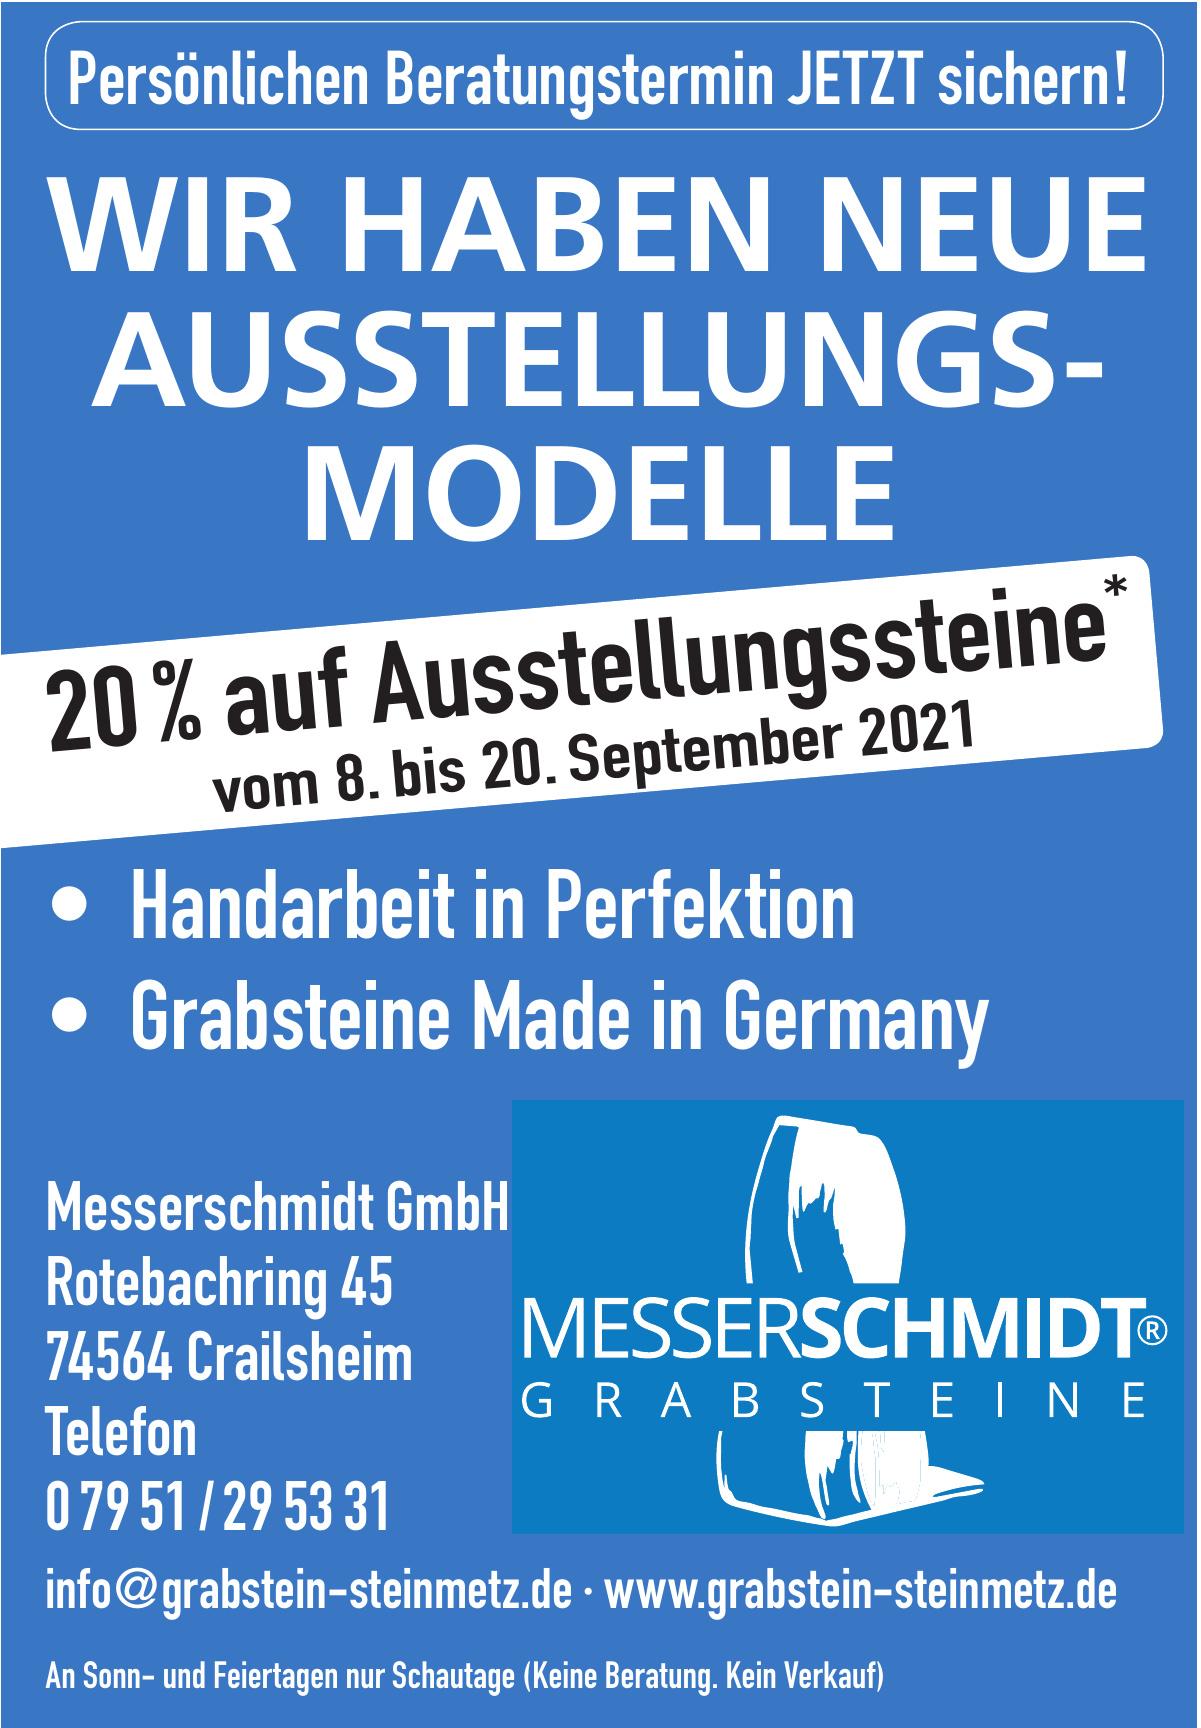 Messerschmidt GmbH